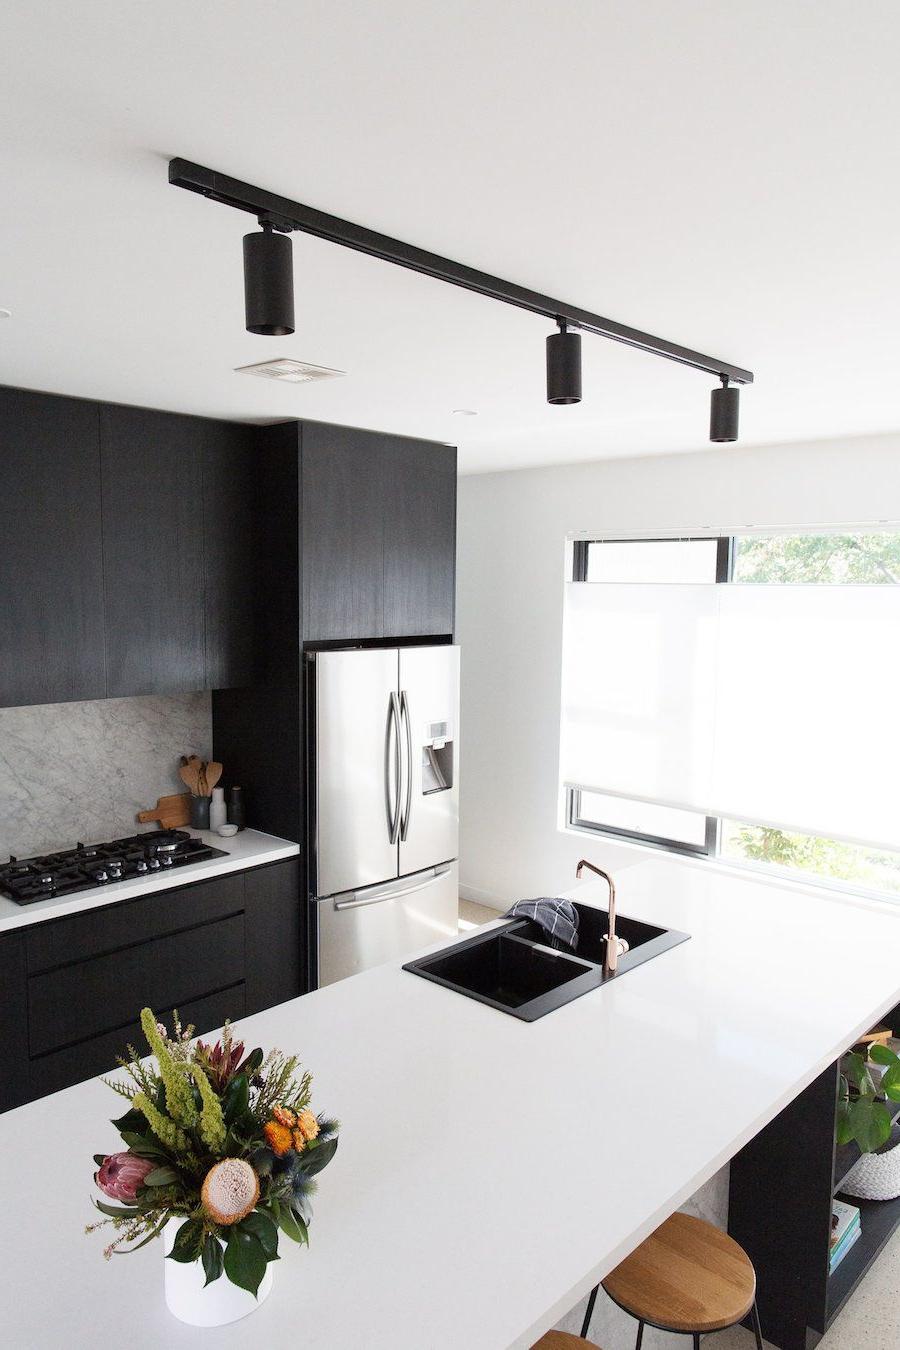 2020 Schutt 4 Light Kitchen Island Pendants Throughout Pin On Kitchen (Gallery 20 of 20)